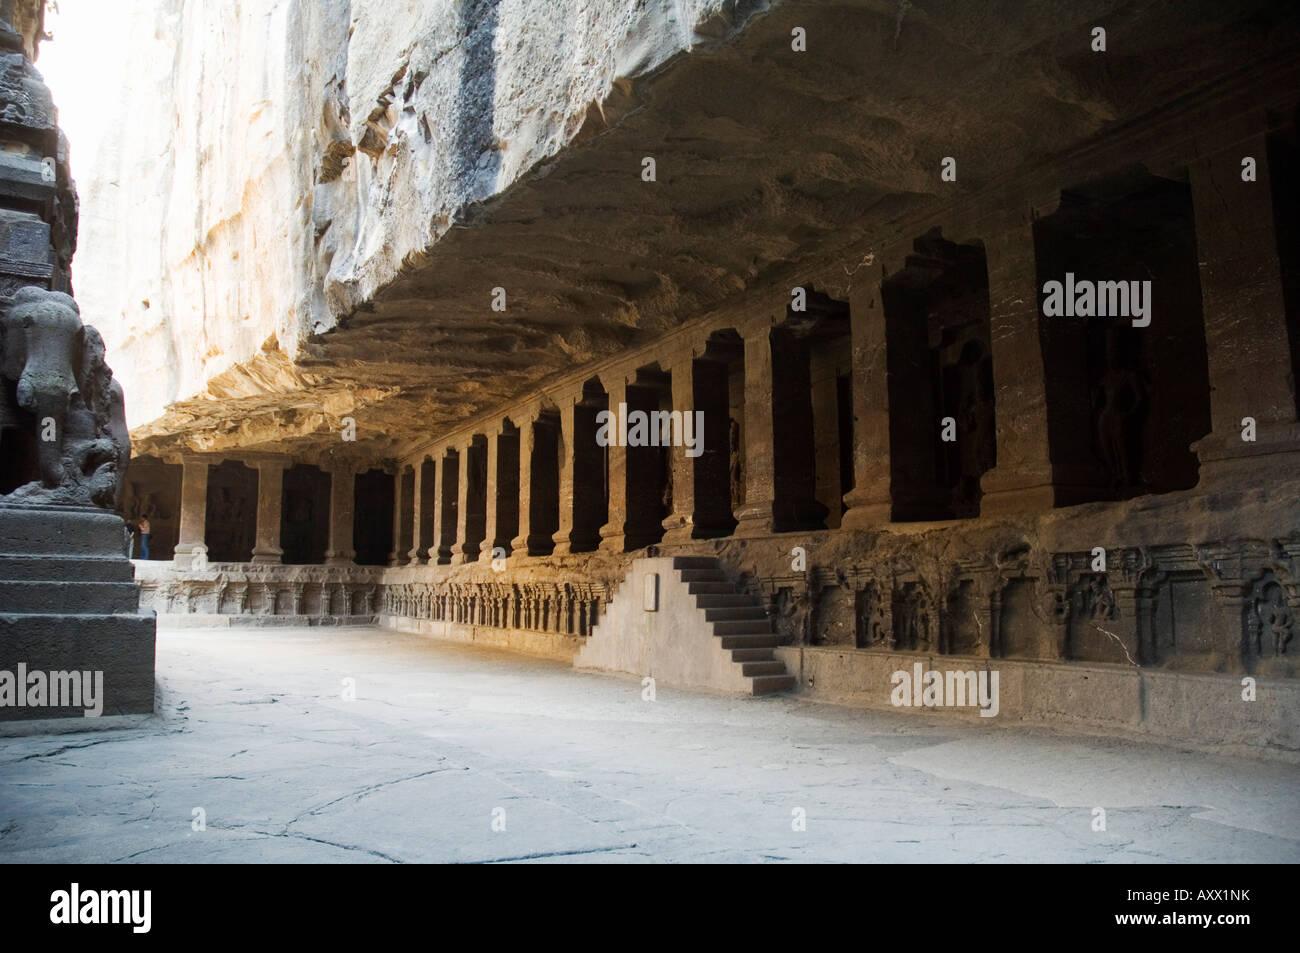 Le Grotte di Ellora, templi tagliato nella roccia solida, nei pressi di Aurangabad, Maharashtra, India Immagini Stock